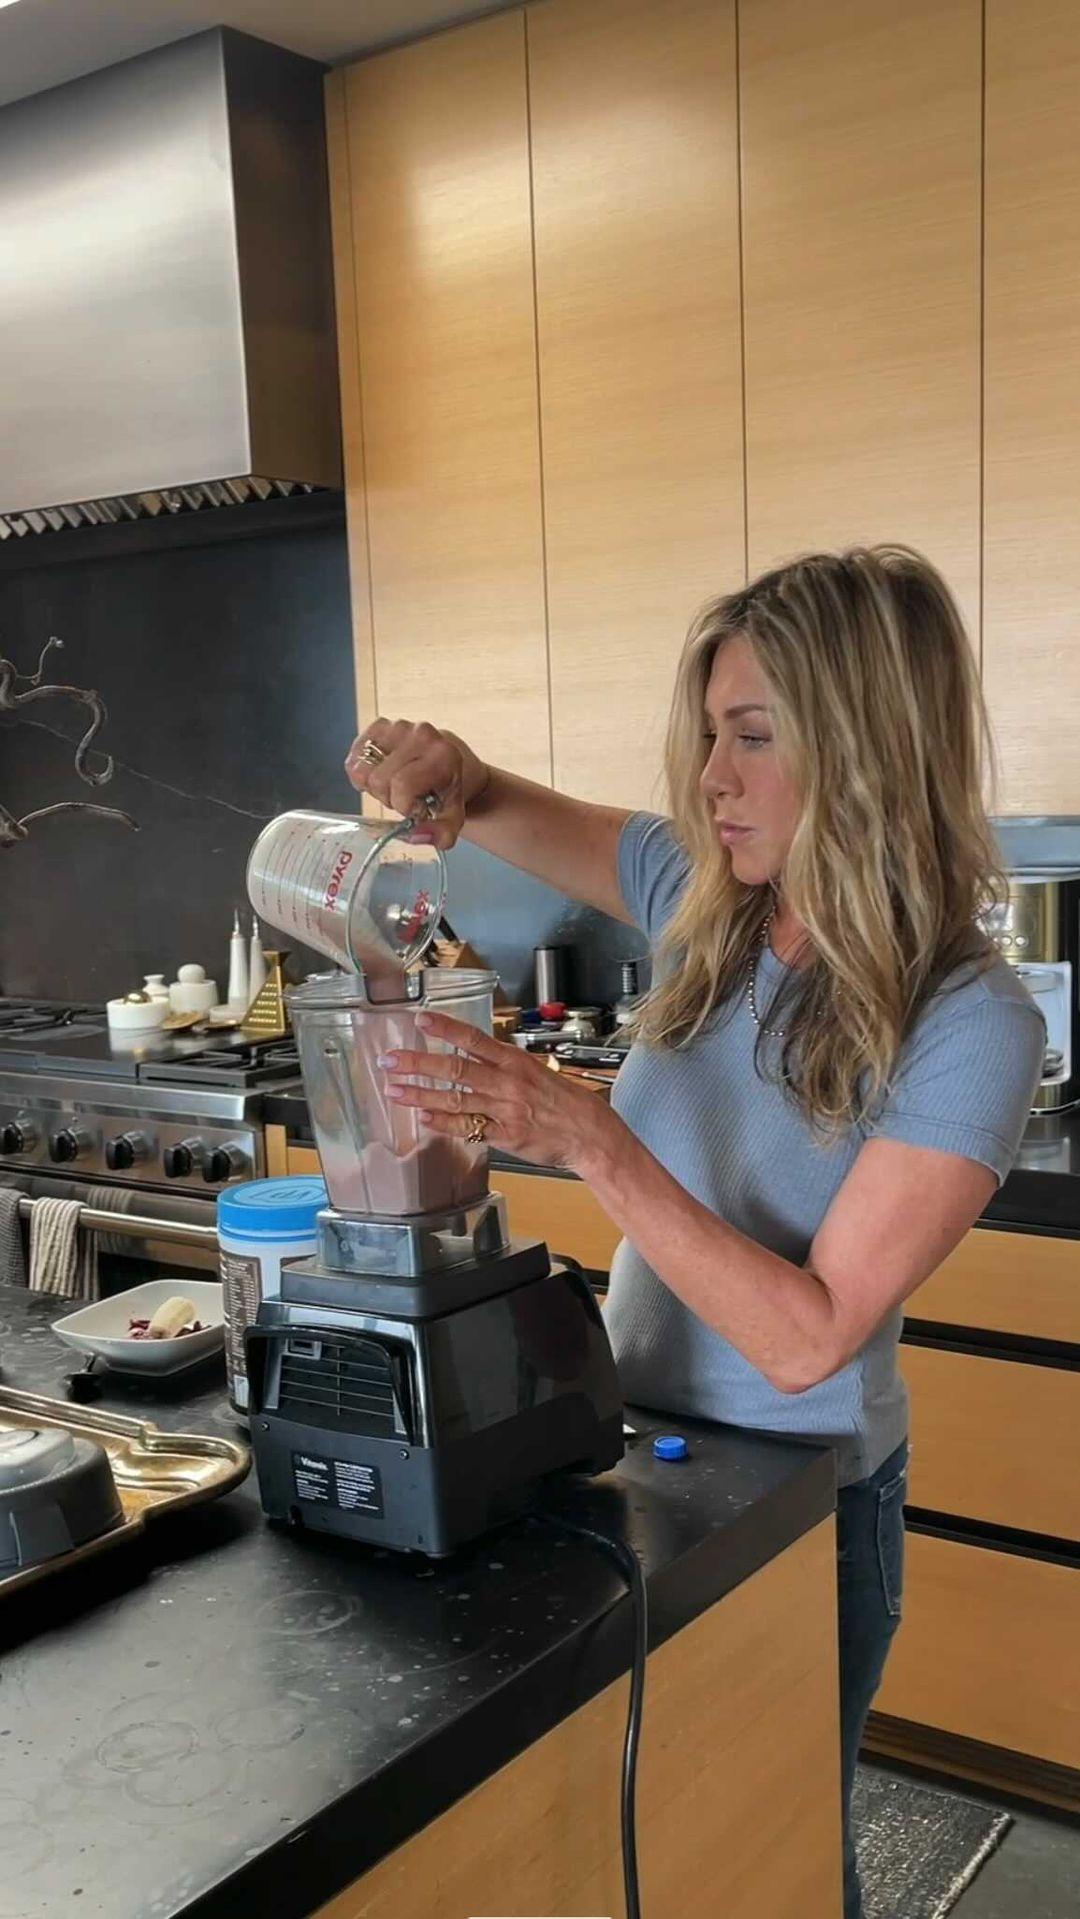 Jennifer Aniston: Φτιάχνει το αγαπημένο της smoothie πρωινό στο Instagram και εμείς το δοκιμάζουμε μαζί της